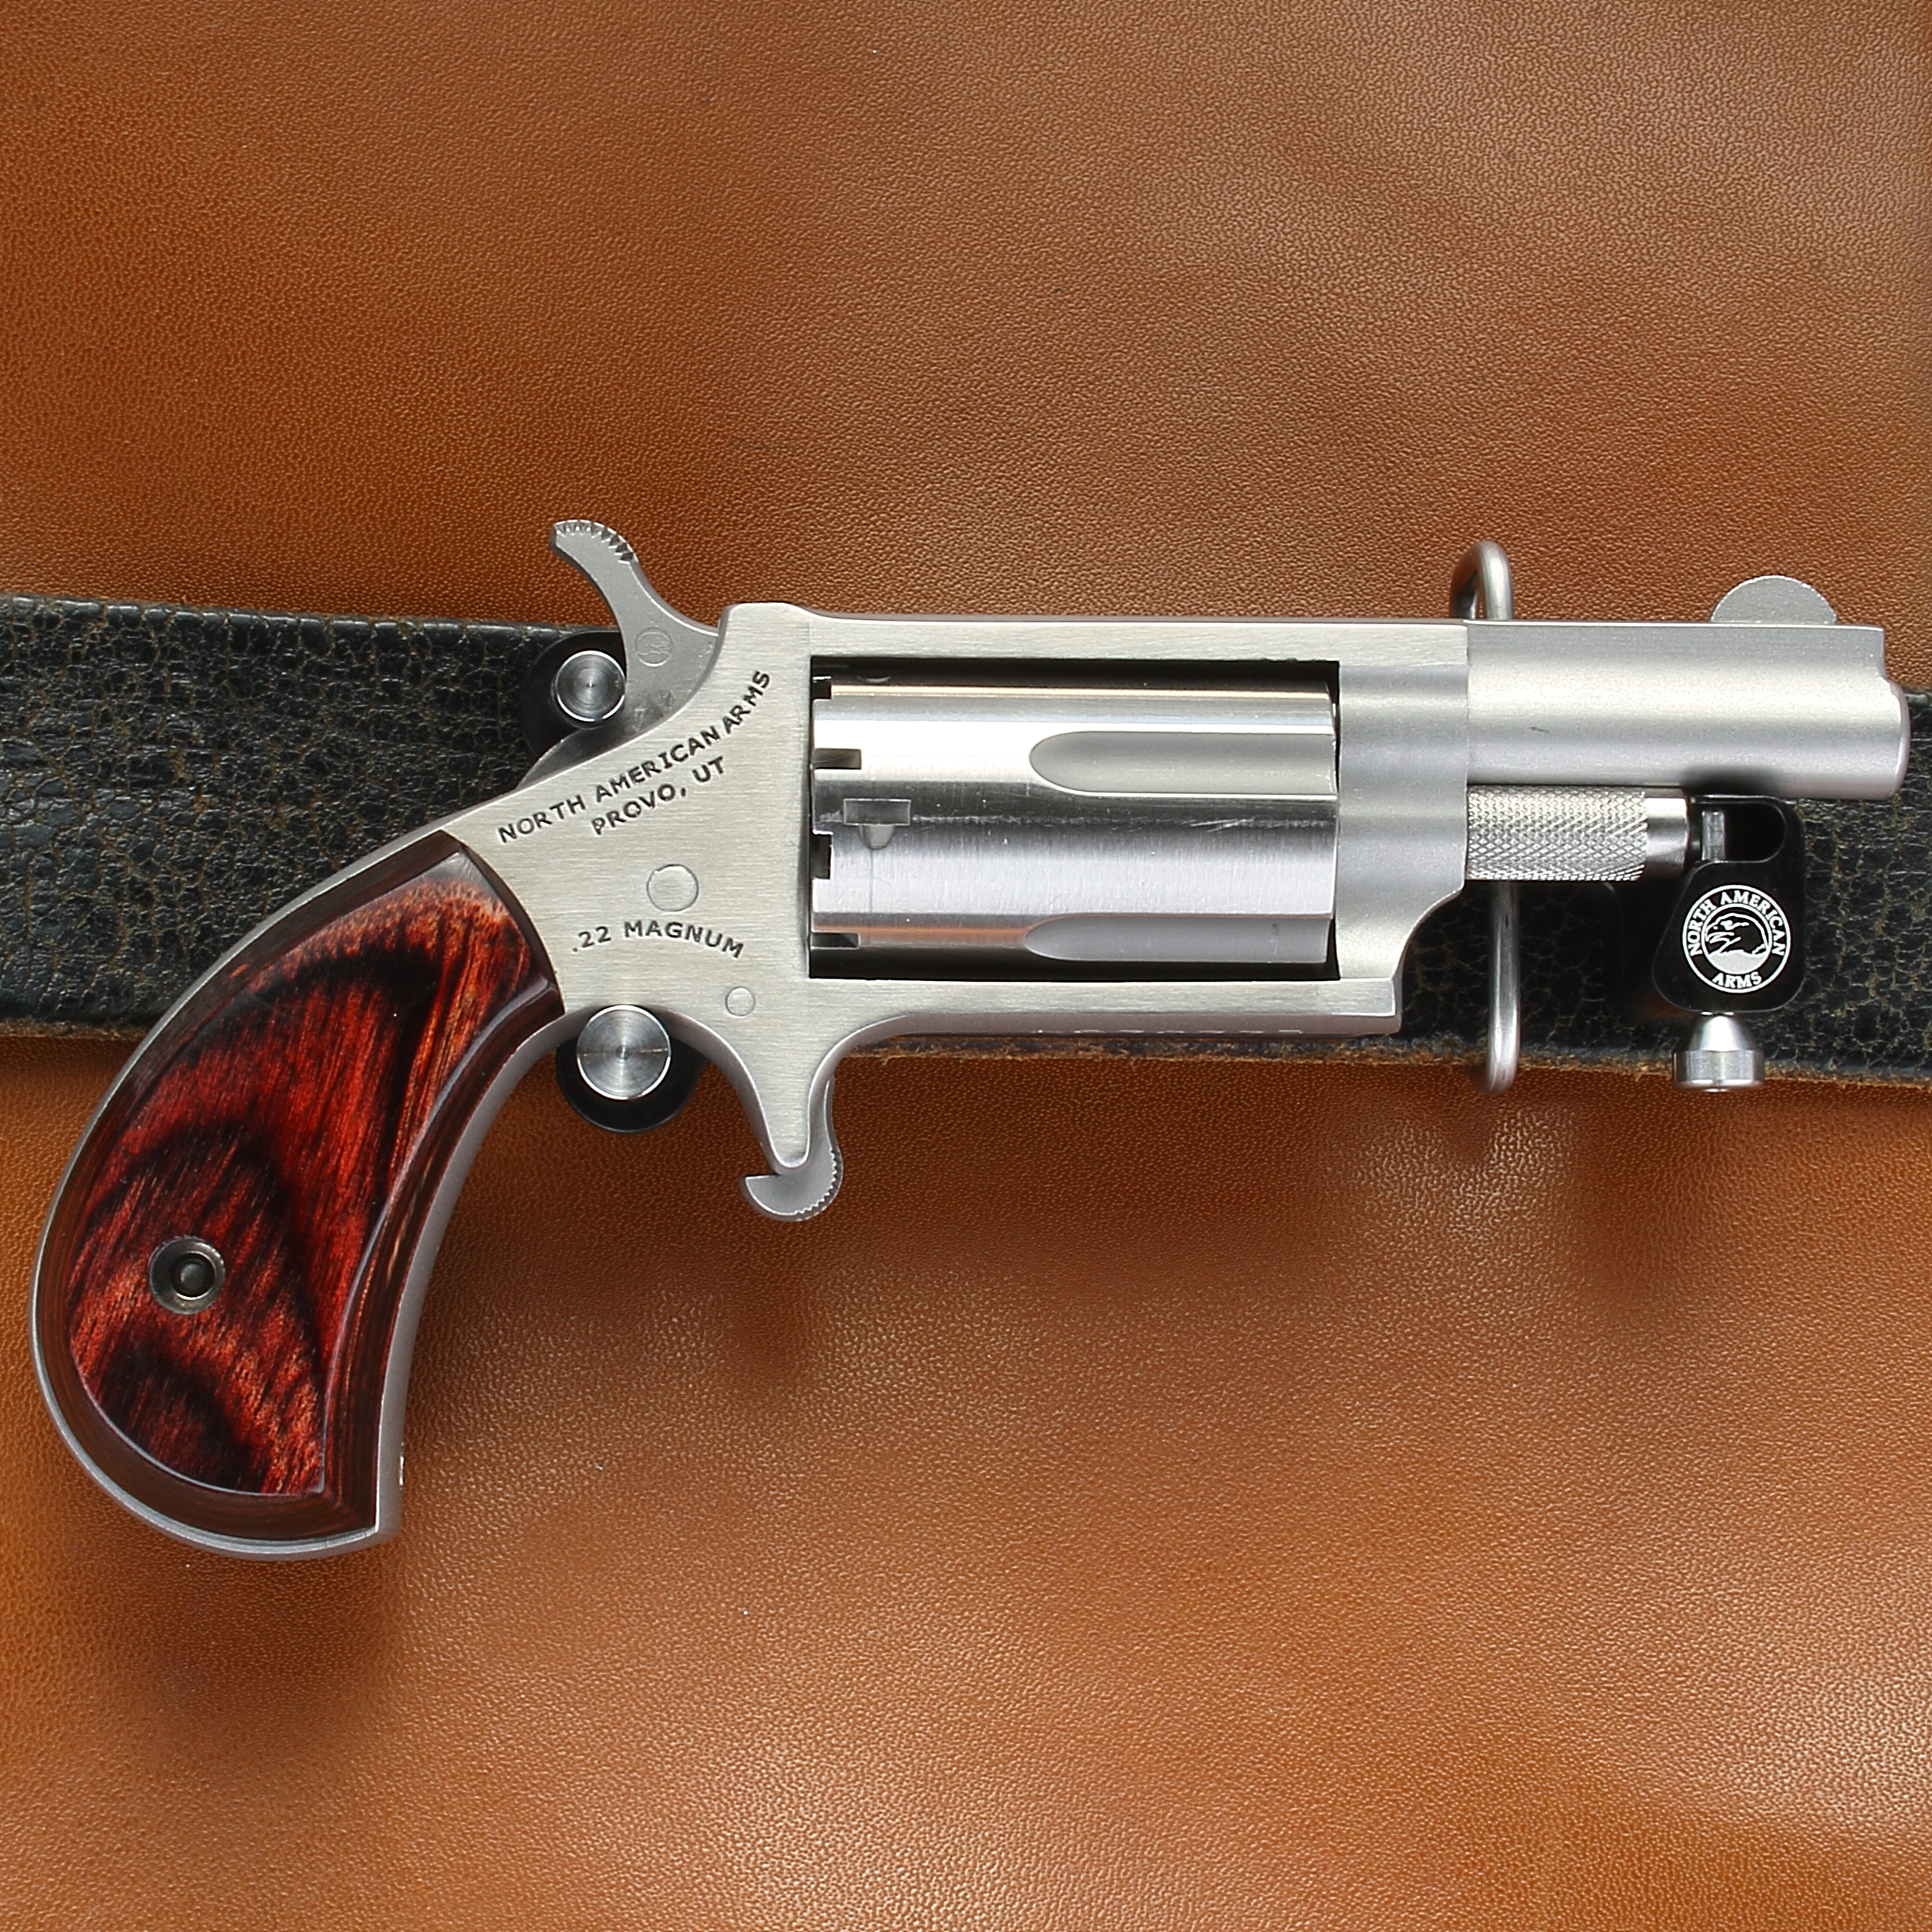 North American Arms BBS-M Skeleton Belt Buckle Holster for Standard Magnum